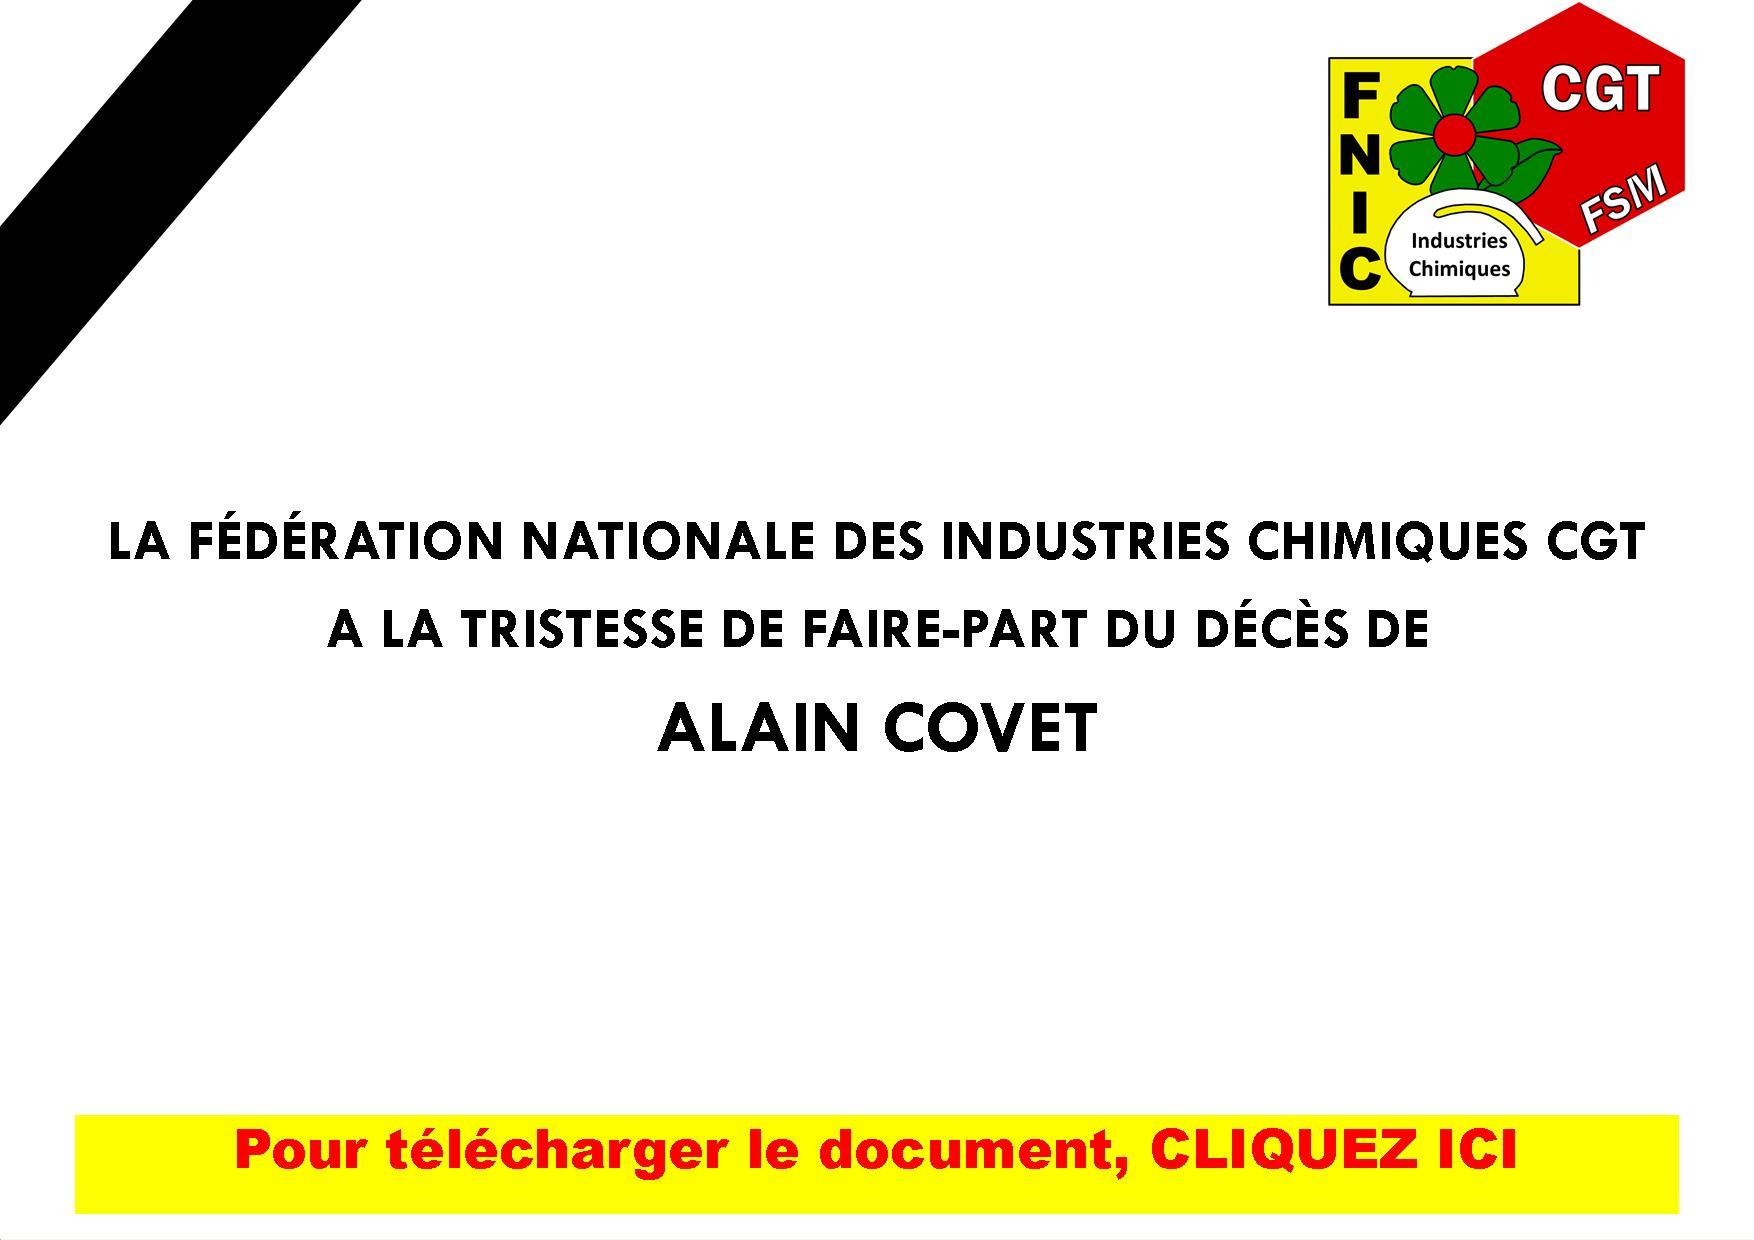 FAIRE-PART DU DÉCÈS DE ALAIN COVET